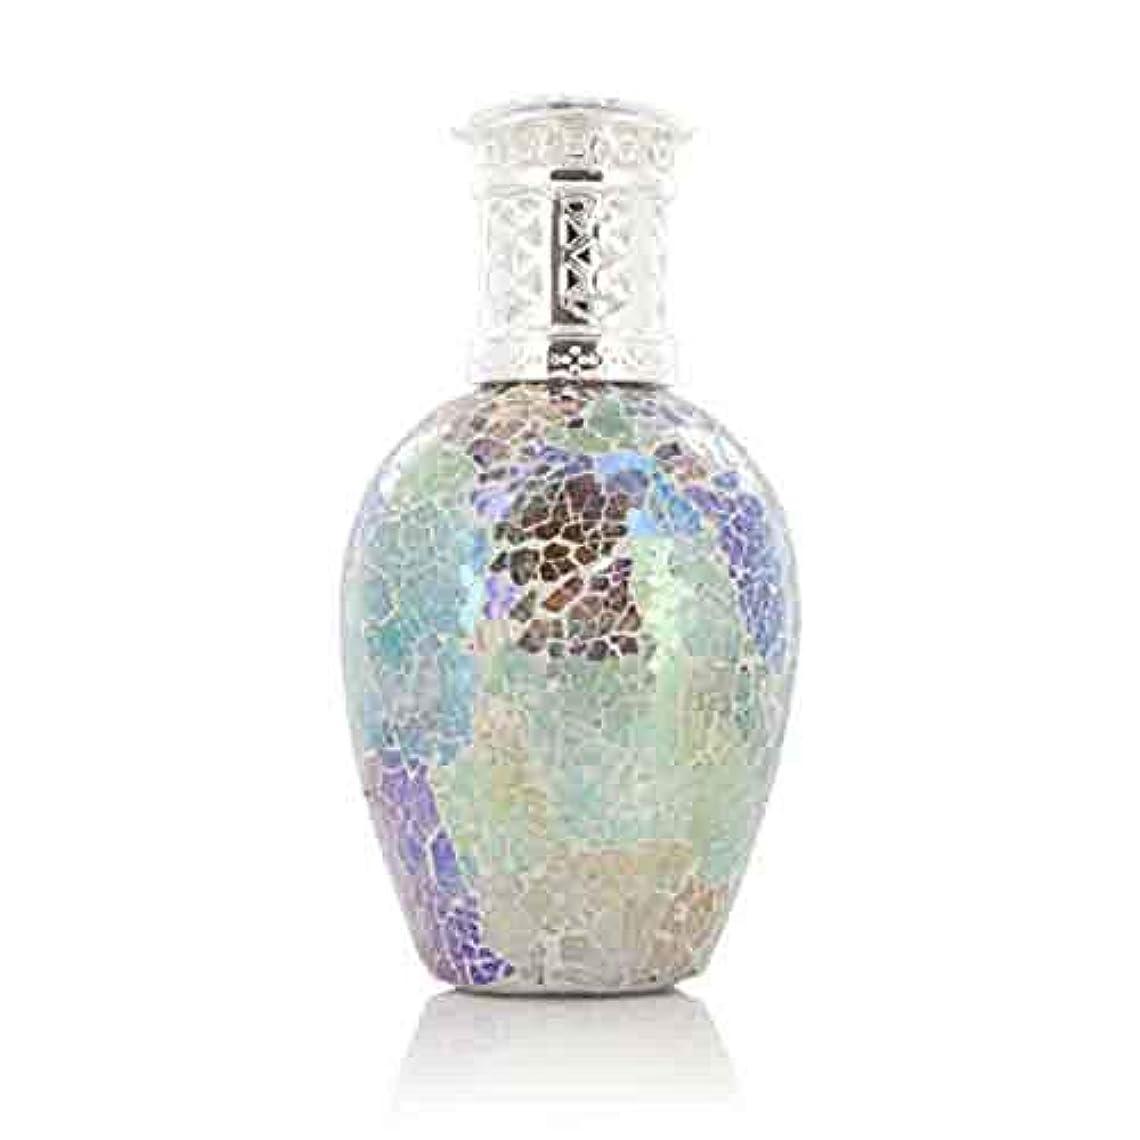 回復二年生記述するAshleigh&Burwood フレグランスランプ L フェアリーダスト FragranceLamps FairyDust アシュレイ&バーウッド